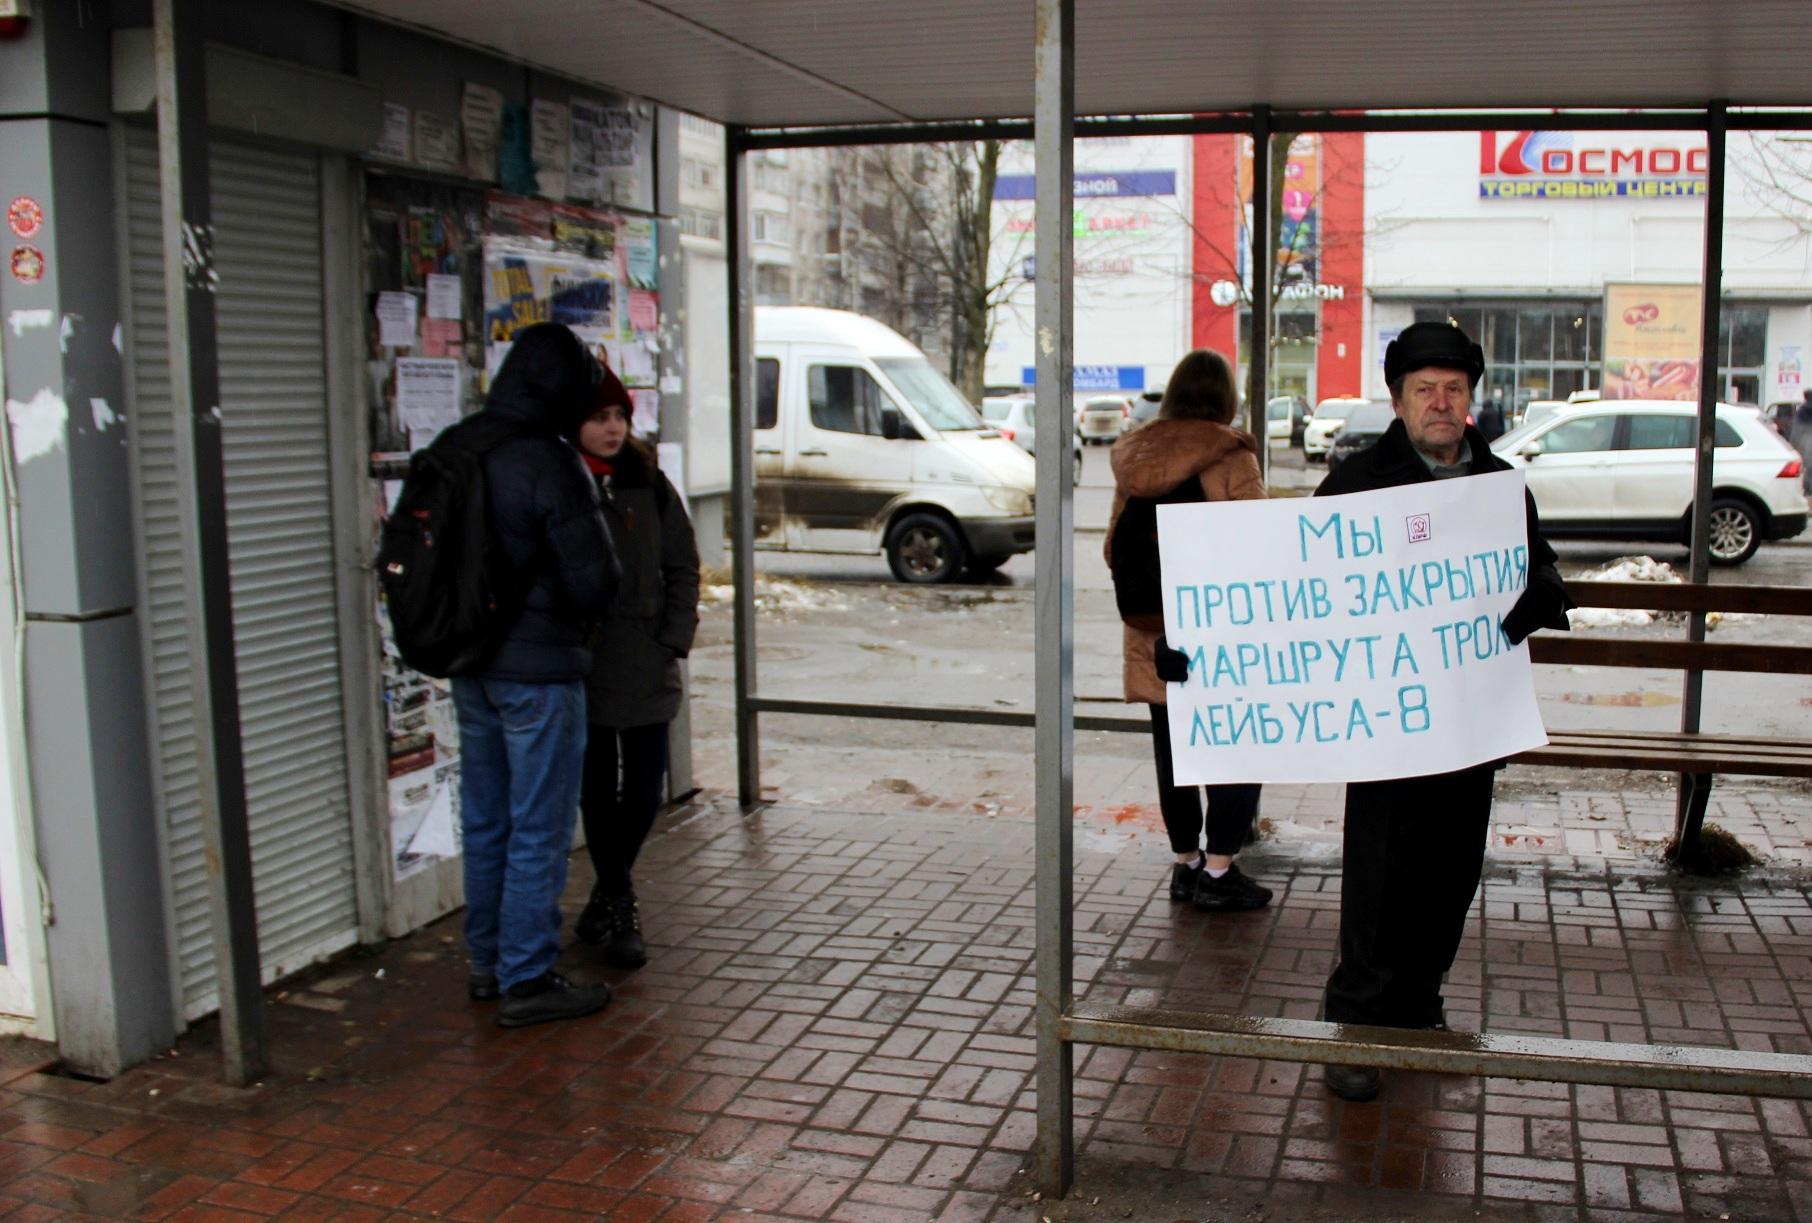 Коммунисты протестуют против закрытия маршрута троллейбуса №8